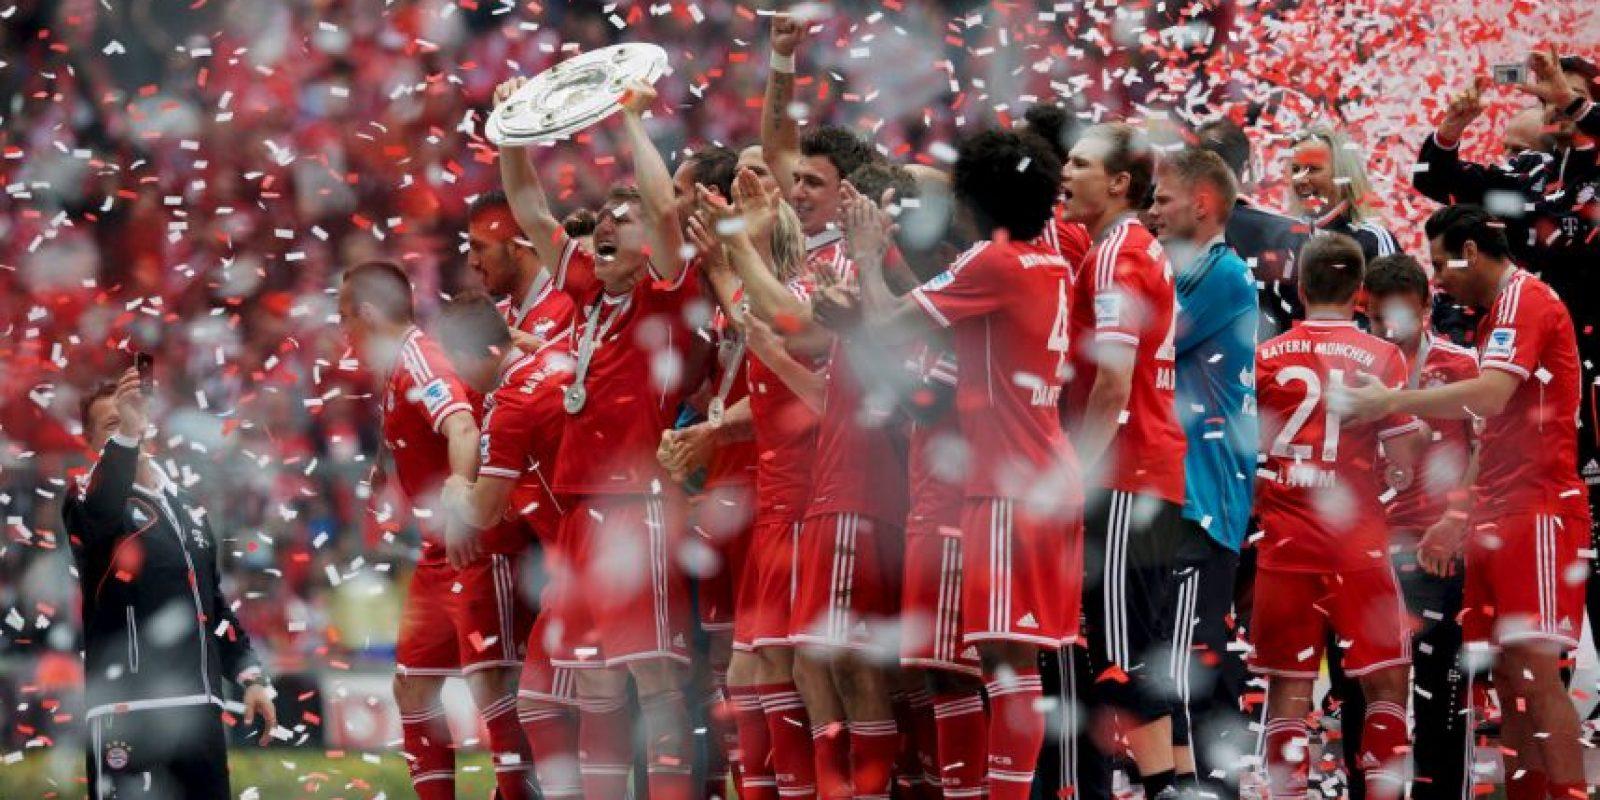 Bajo el mando de Jupp Heynckes, los alemanes dominaron el fútbol mundial en 2013. Foto:Getty Images